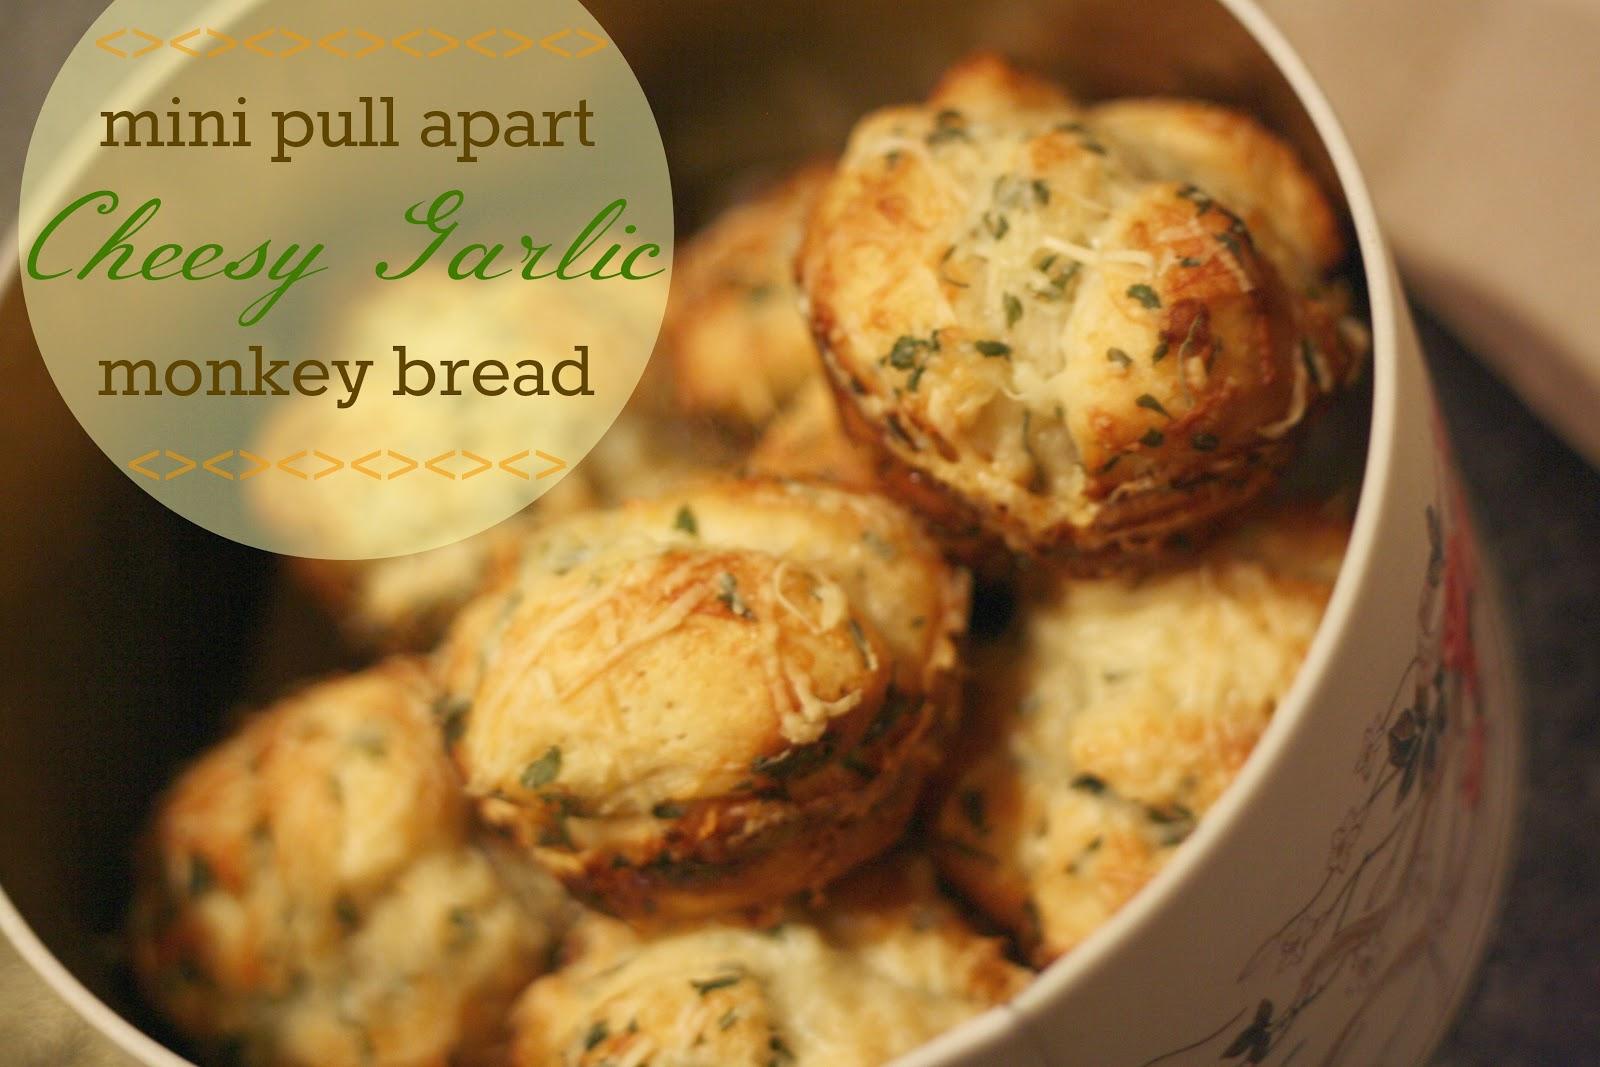 Summer Days: cheesy garlic monkey bread